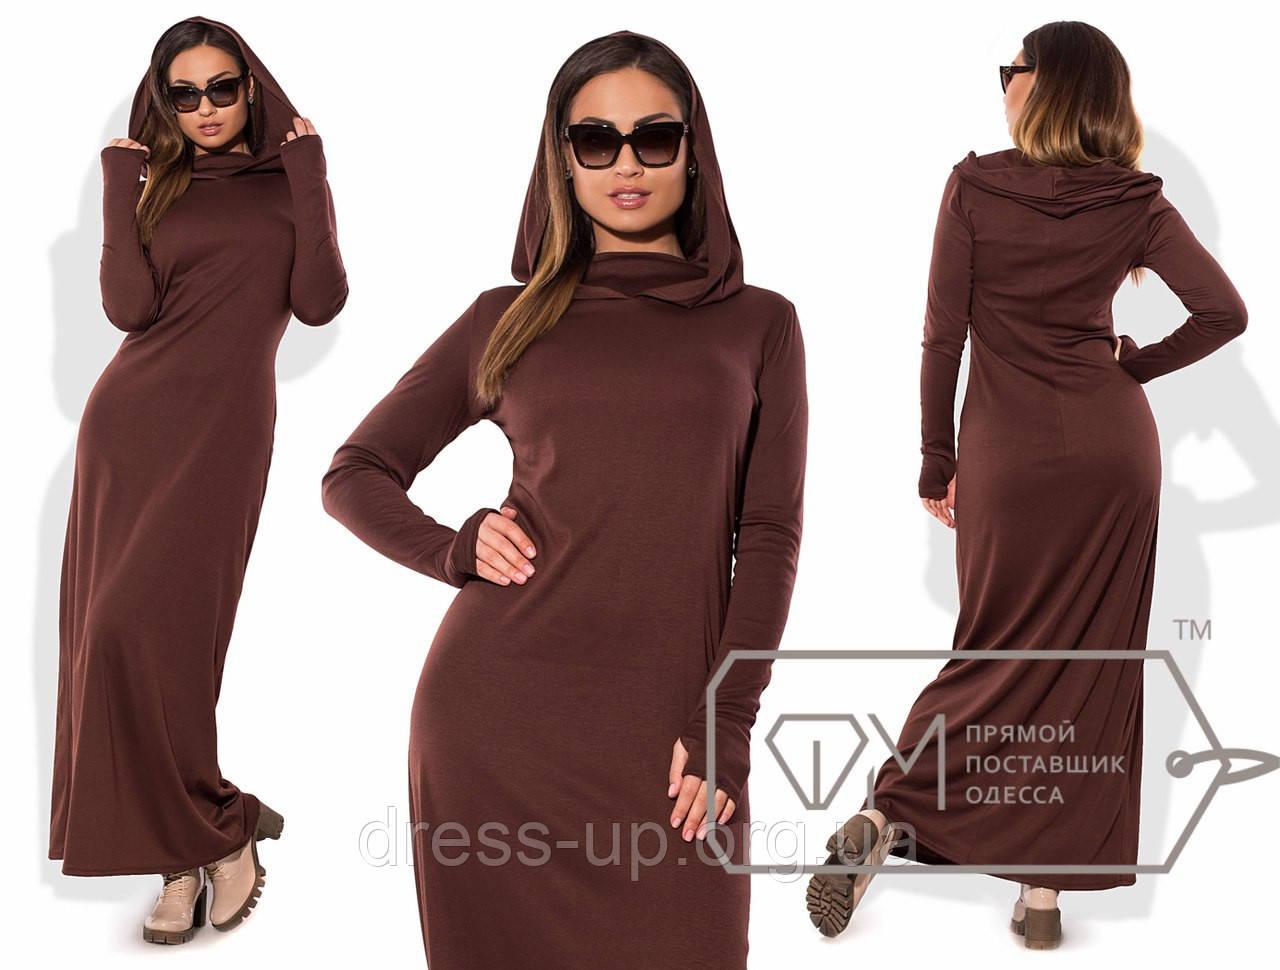 b661f169408 Купить Платье женское в пол коричневое с капюшоном VV -087 оптом и в ...